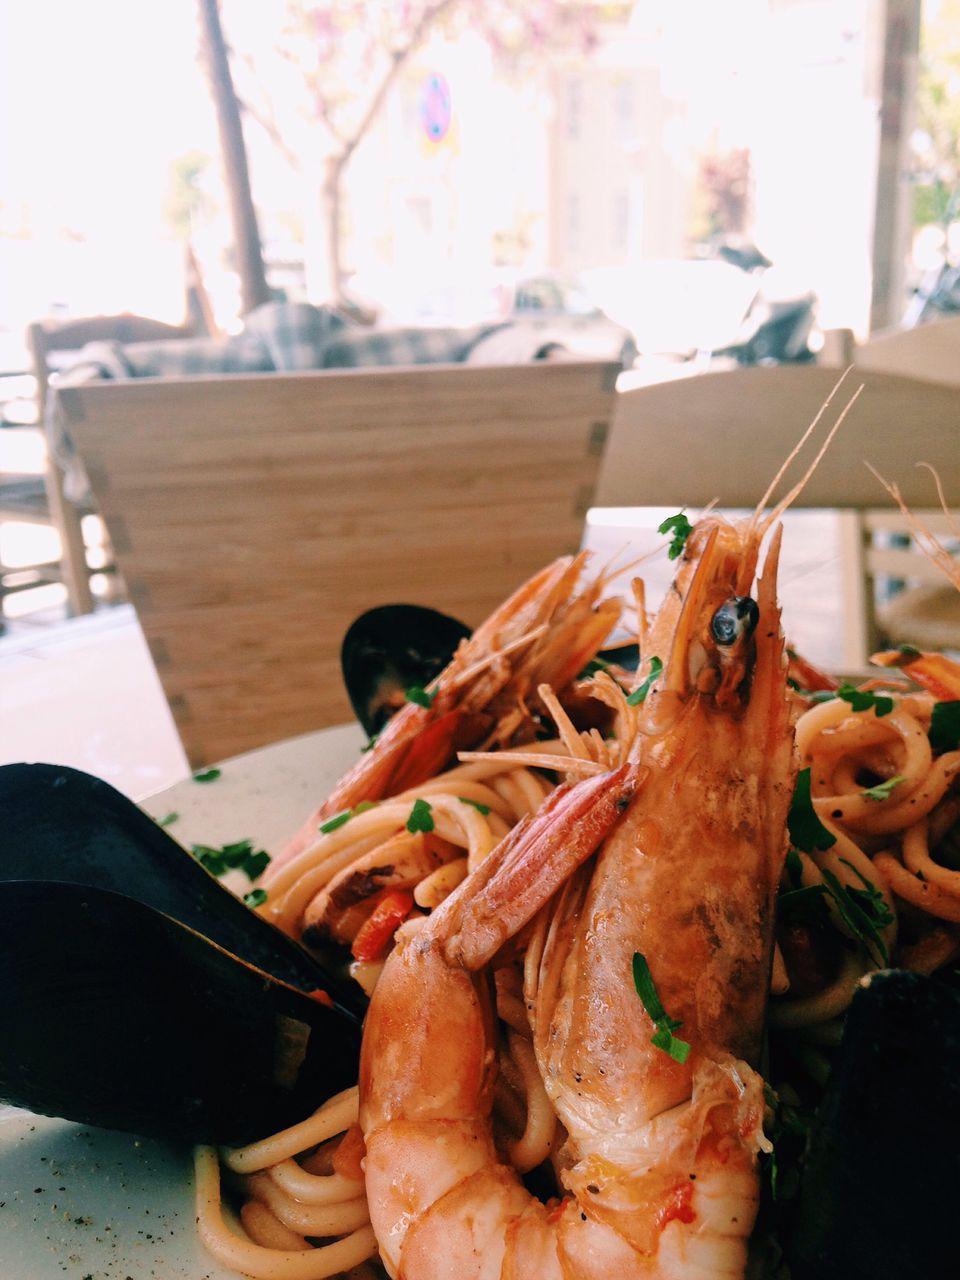 Close-up of seafood pasta